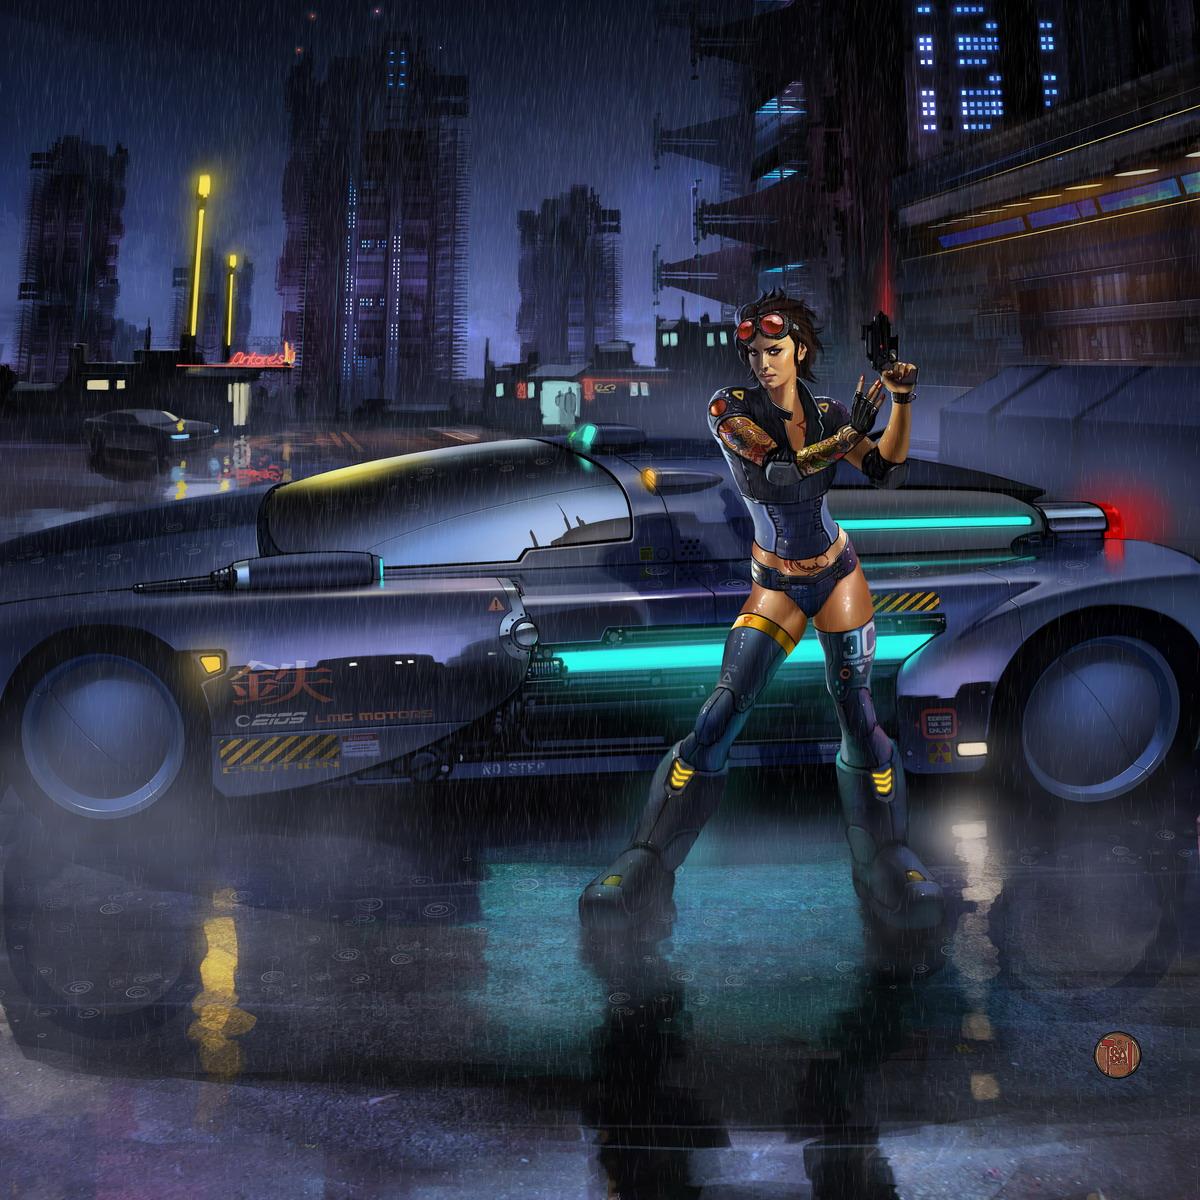 Lego Headquarters Req Cyberpunk City Fallout 3 Mod Requests The Nexus